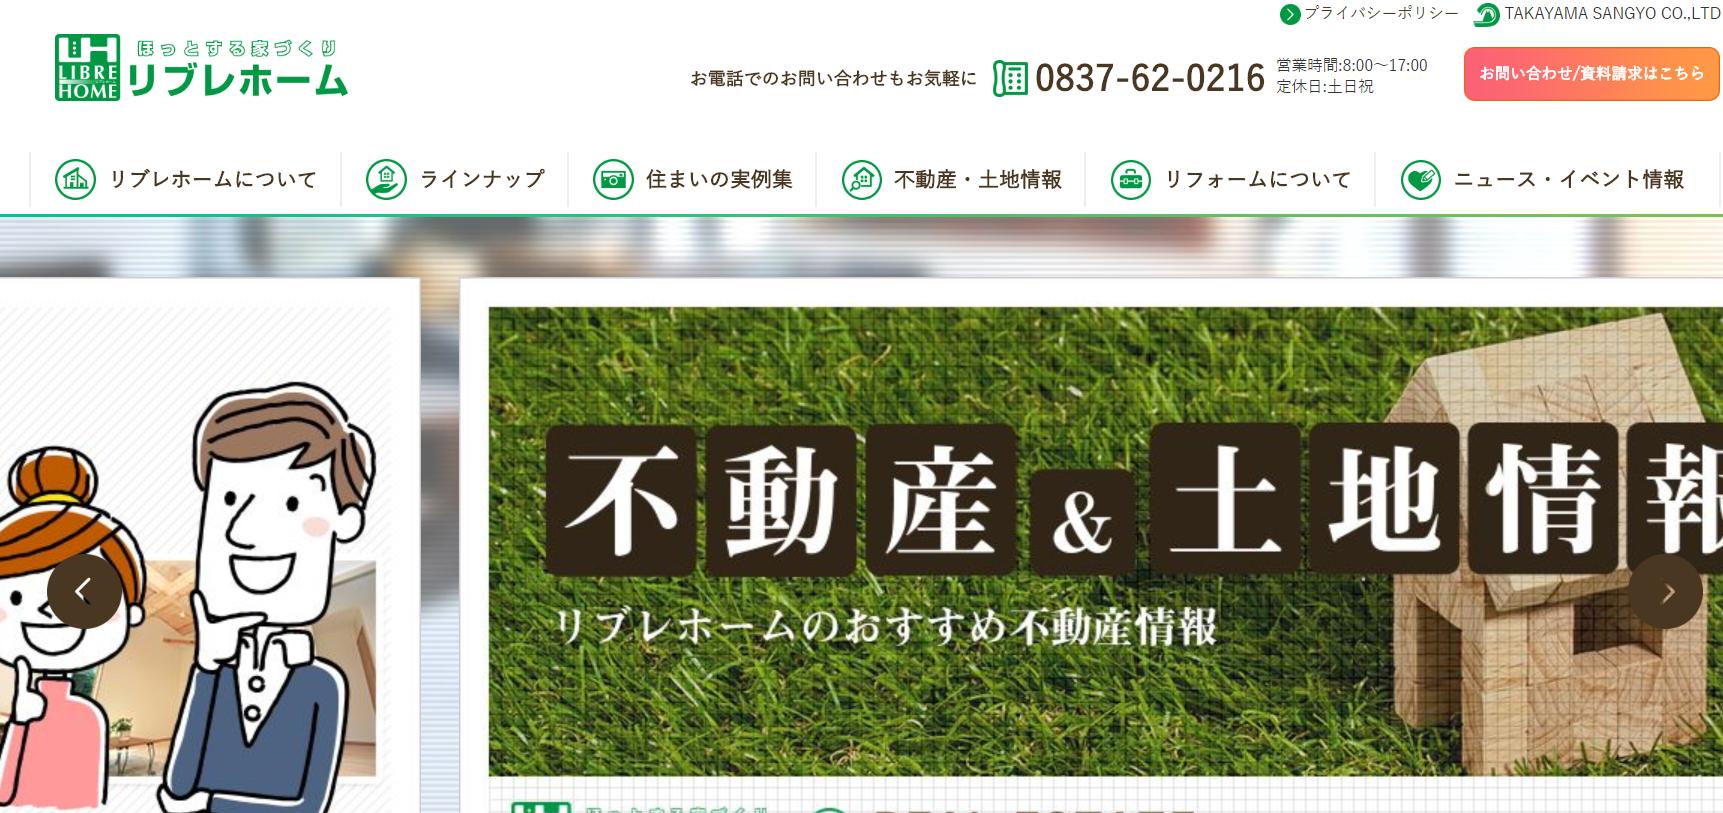 リブレホームの評判・口コミ【山口エリア】